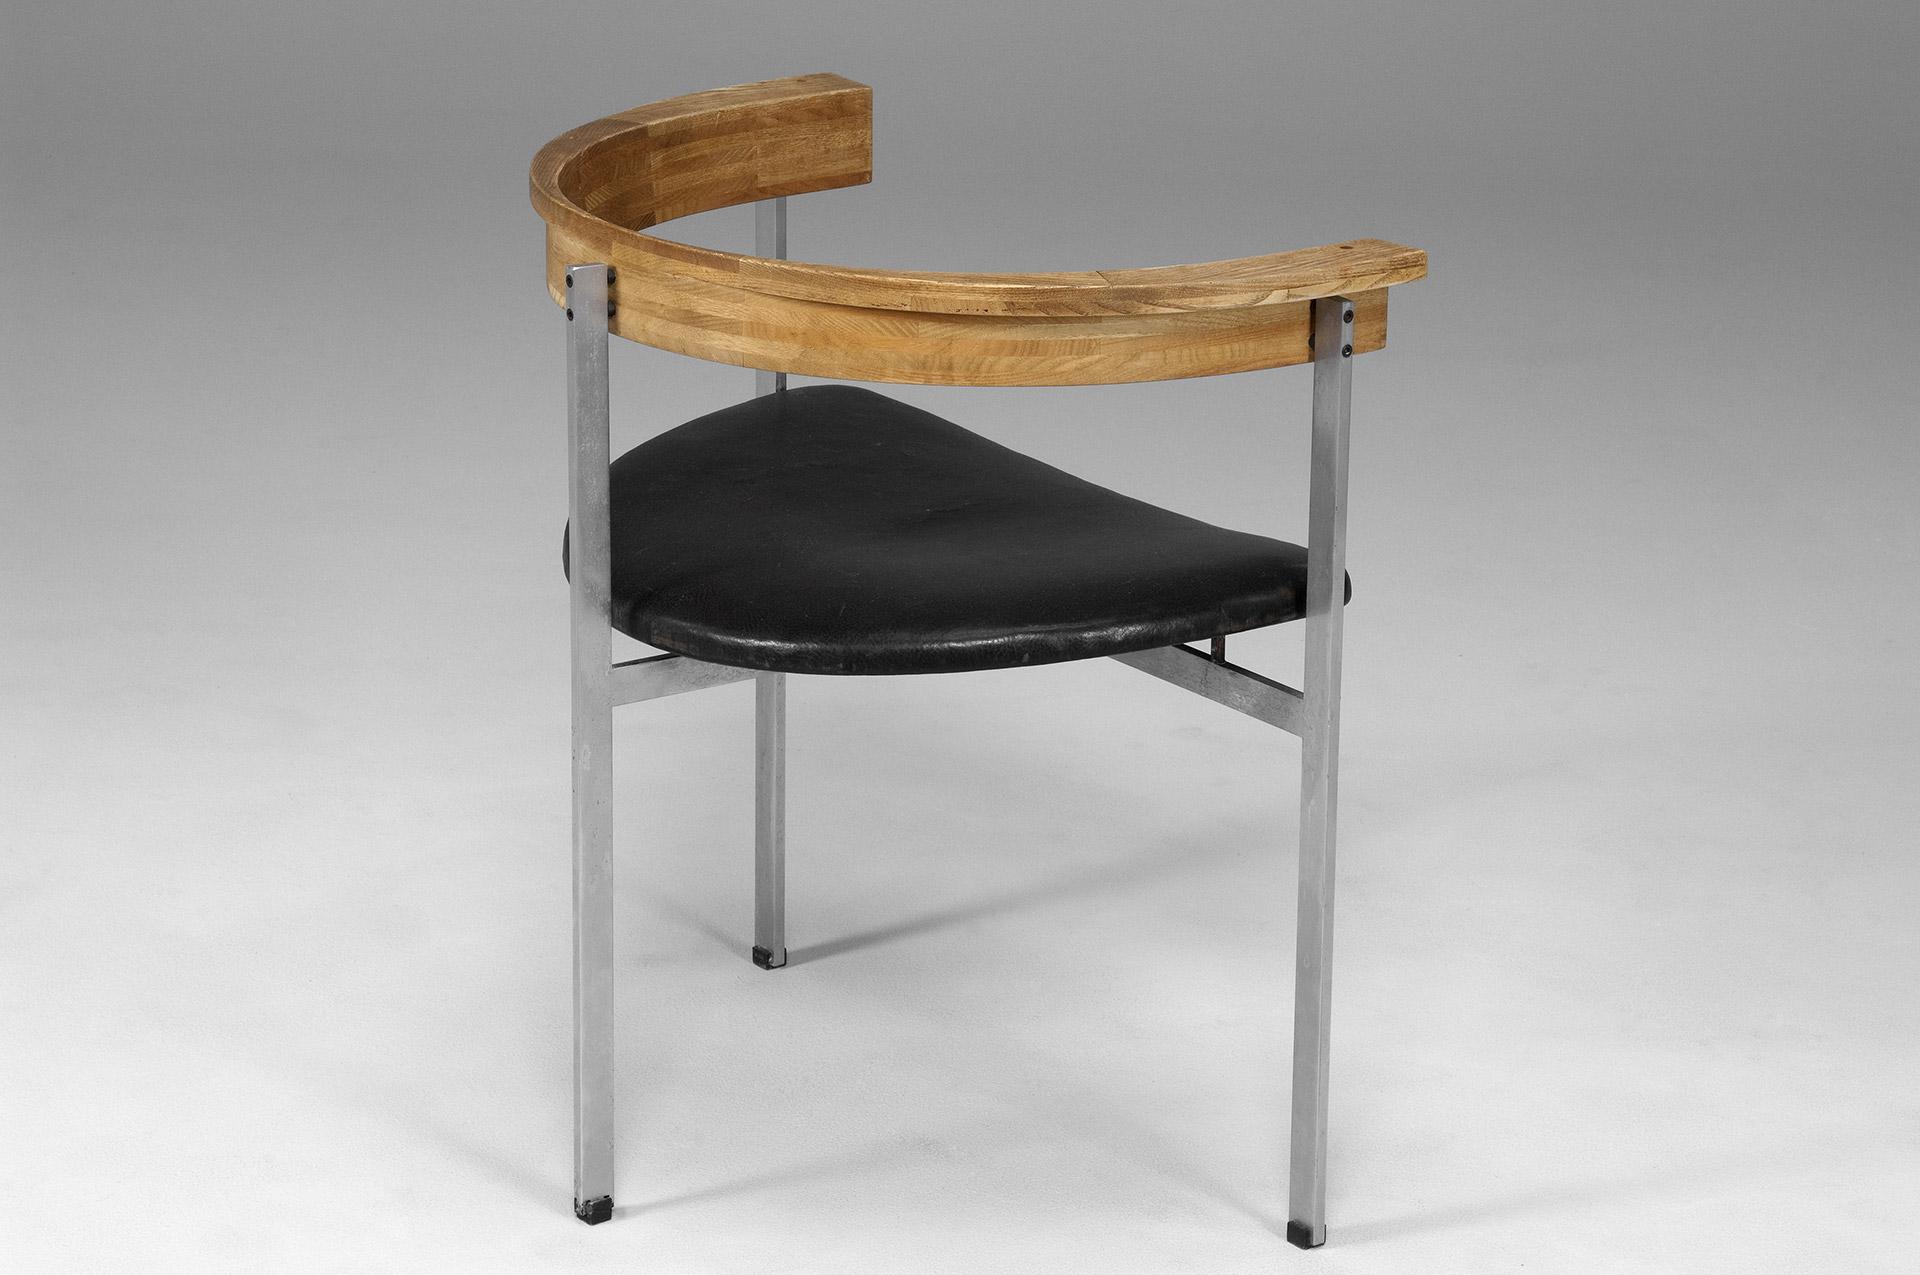 Jacksons Pk11 Chair Poul Kjaerholm